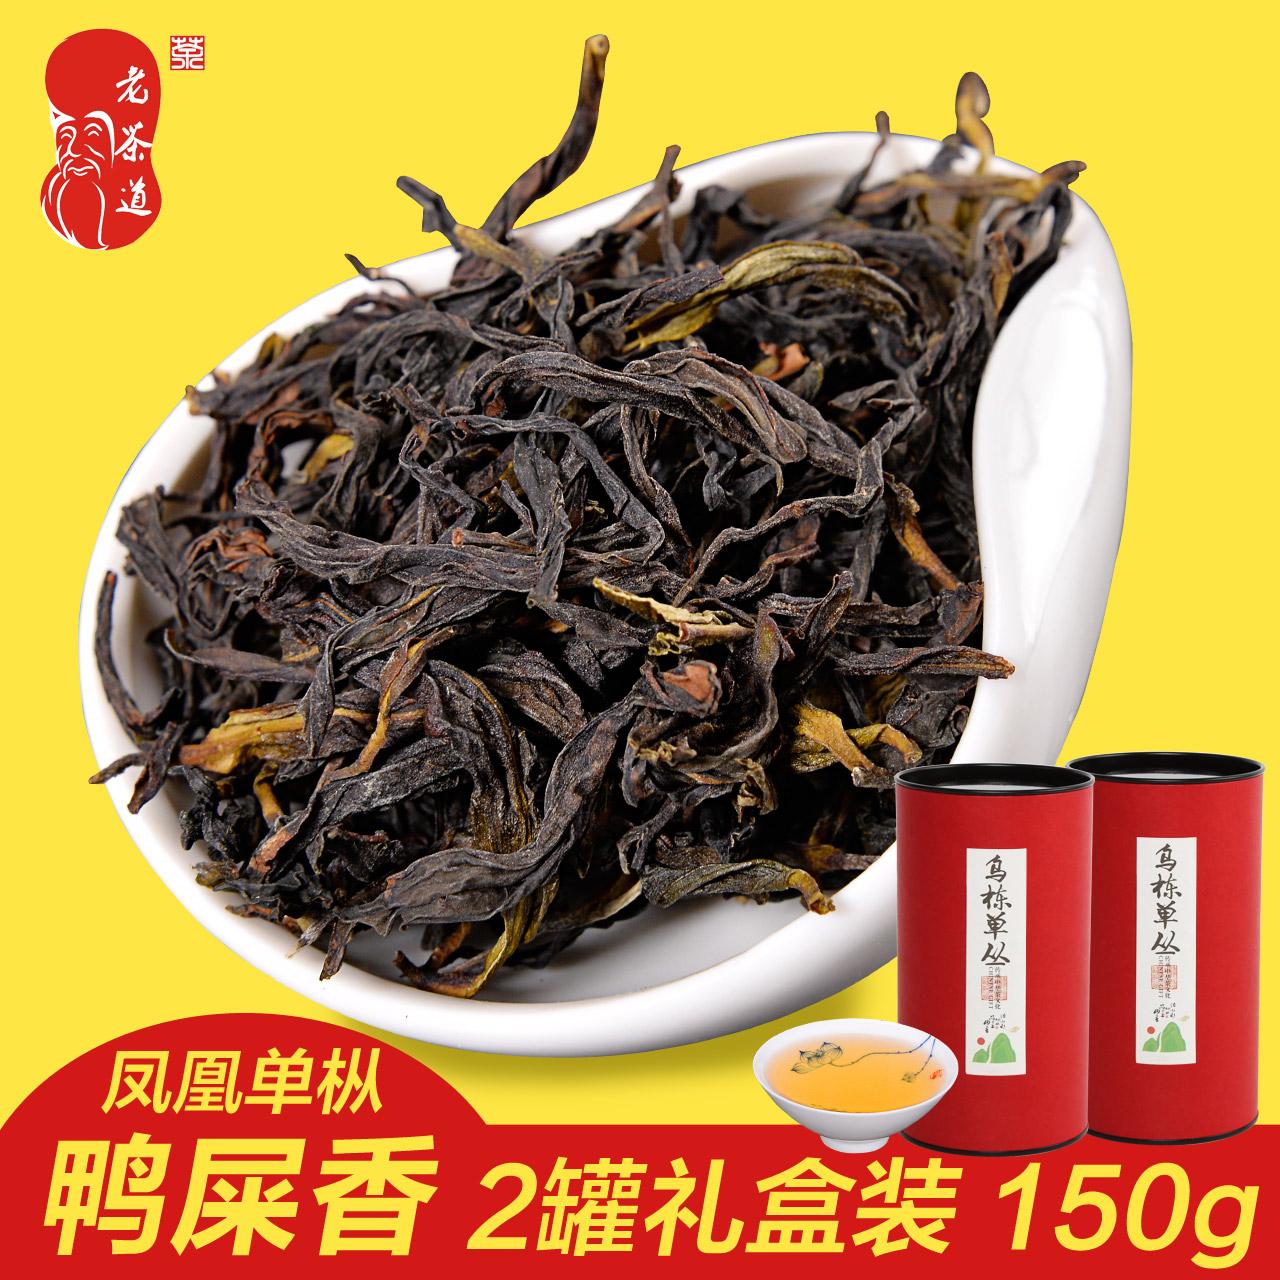 乌岽单丛茶多少钱一斤